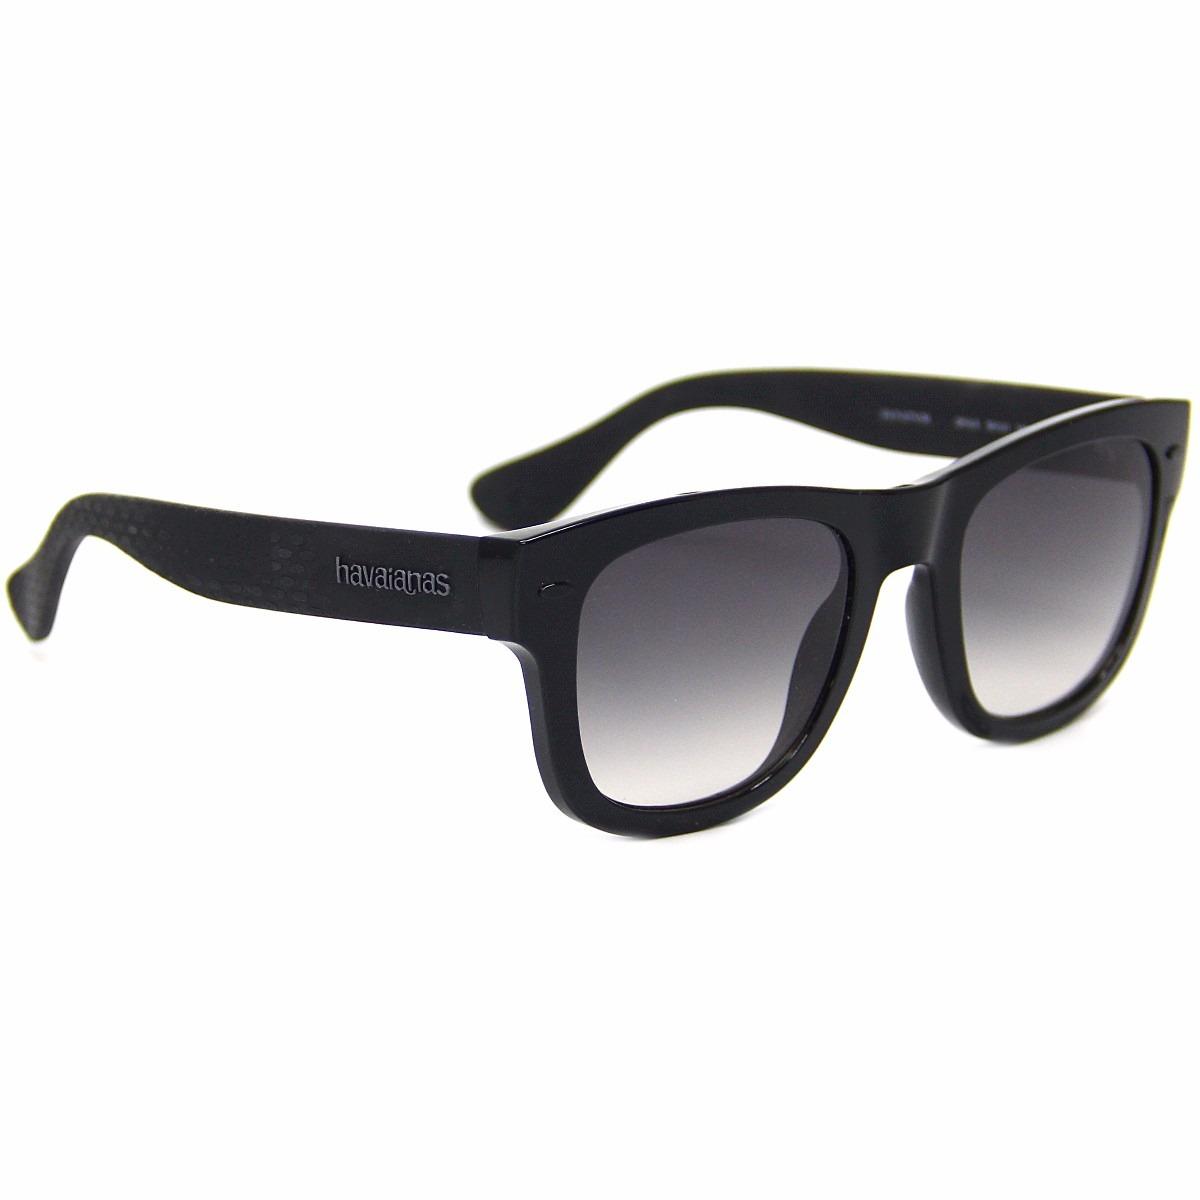 89a1a231a140e óculos de sol havaianas paraty m quadrado. Carregando zoom.